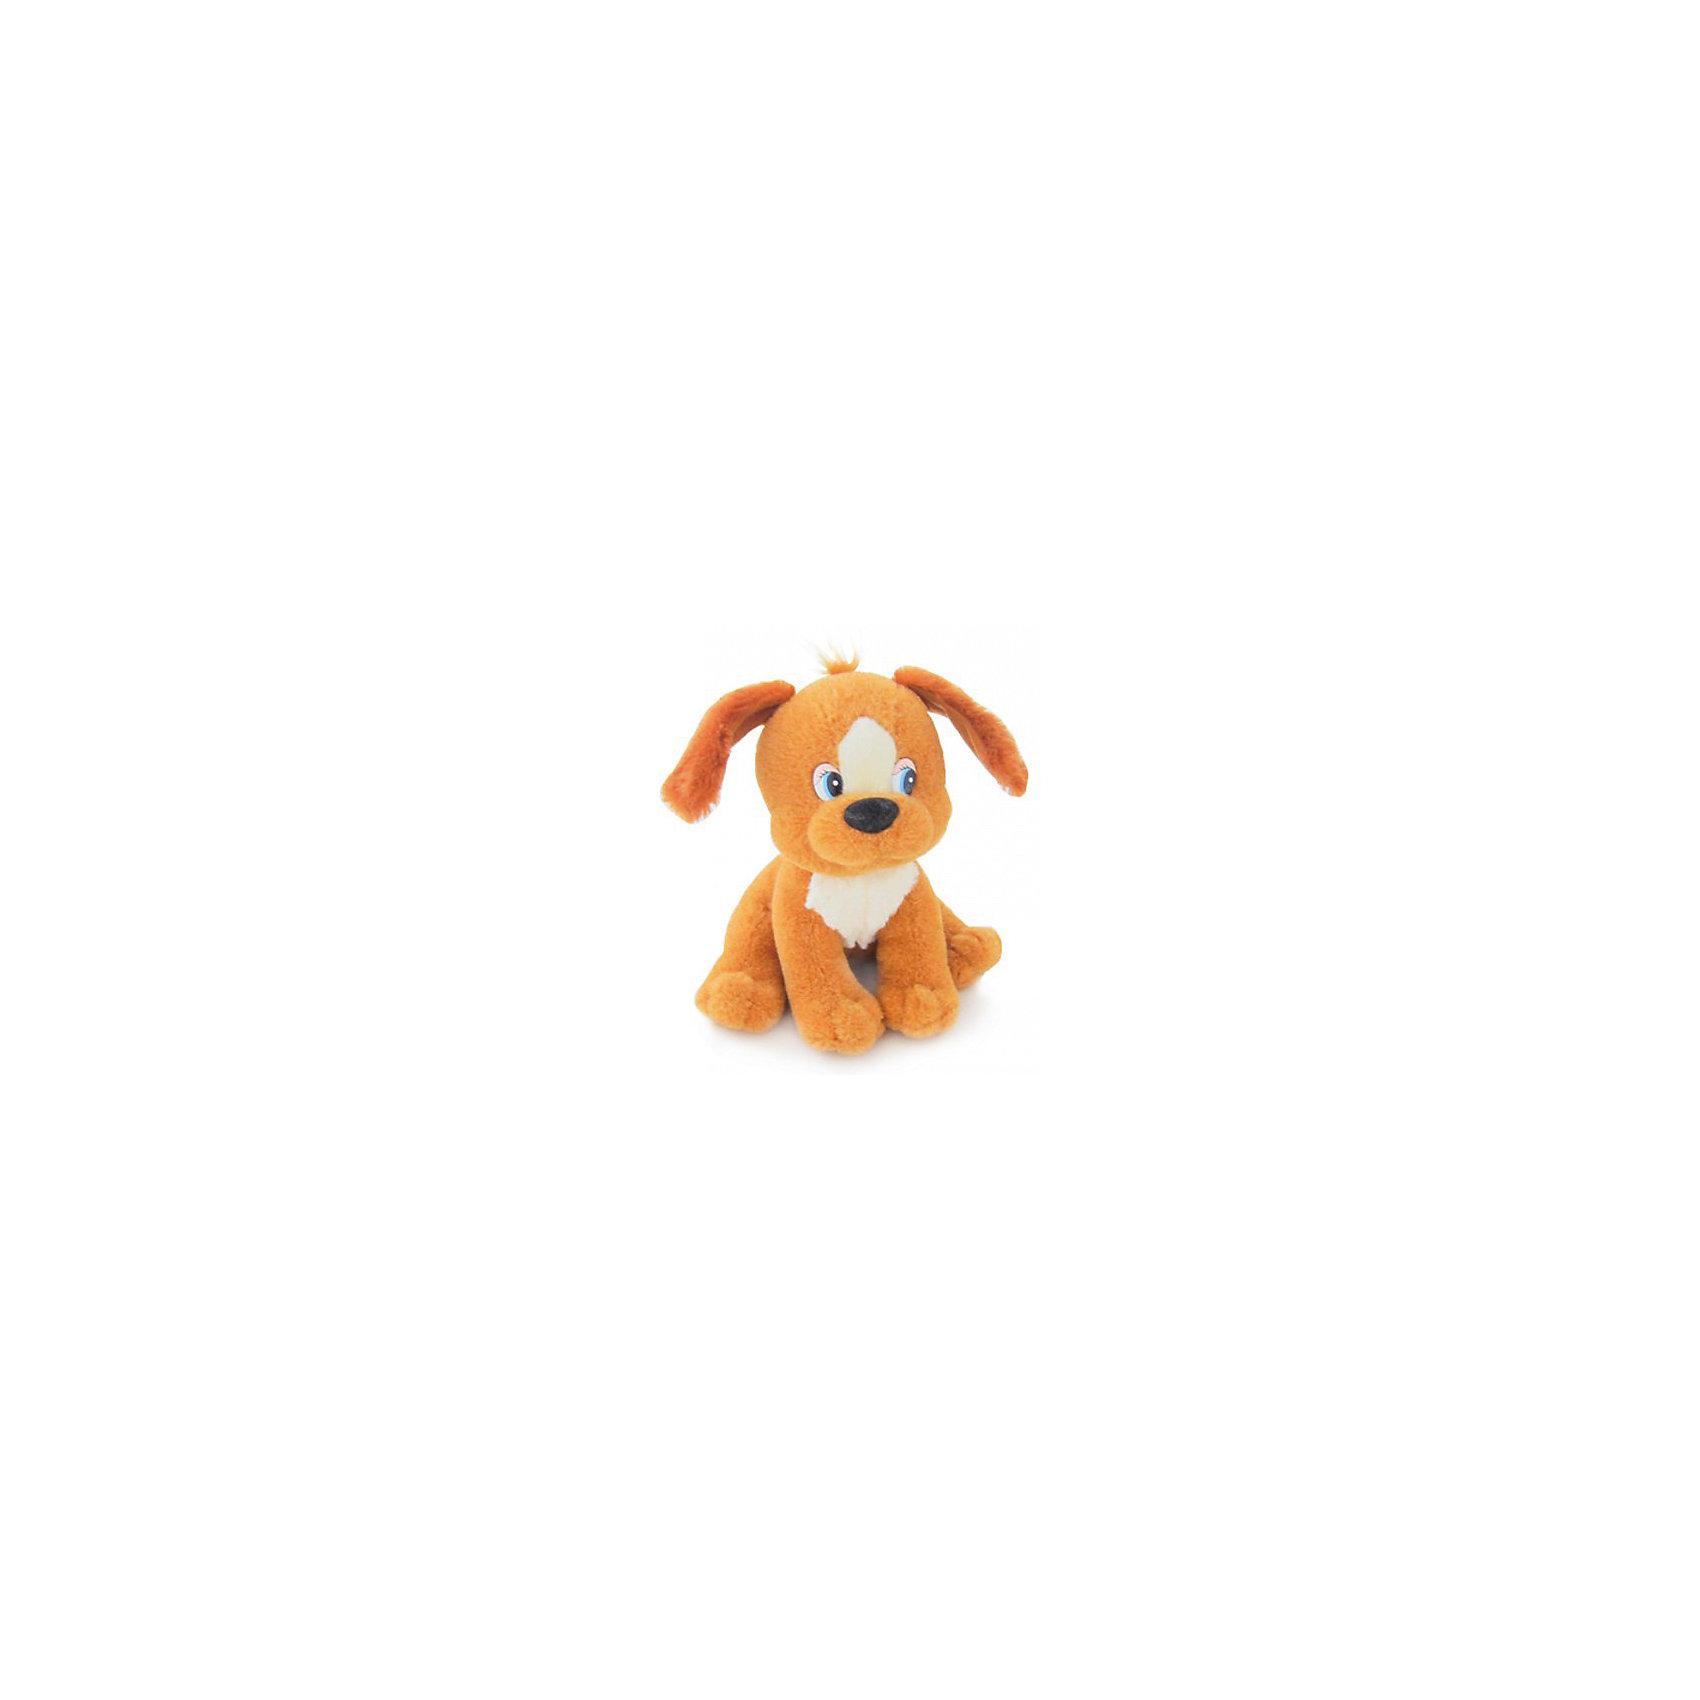 Щенок Дружок, музыкальный, 15см., LAVAЭтот милый щенок приведет в восторг любого ребенка! Щенка зовут Дружок, он очень мягкий, приятный на ощупь и умеет петь веселую песенку. Игрушка изготовлена из высококачественного материала, абсолютно безопасного для детей. <br><br>Дополнительная информация:<br><br>- Материал: искусственный мех, текстиль, синтепон, пластик.<br>- Высота: 15 см.<br>- Поет песенку (Щенок растёт...).<br>- Элемент питания: батарейка (в комплекте).<br><br>Щенка Дружка, музыкального, 15 см., LAVA (ЛАВА) можно купить в нашем магазине.<br><br>Ширина мм: 150<br>Глубина мм: 150<br>Высота мм: 150<br>Вес г: 236<br>Возраст от месяцев: 36<br>Возраст до месяцев: 1188<br>Пол: Унисекс<br>Возраст: Детский<br>SKU: 4444125